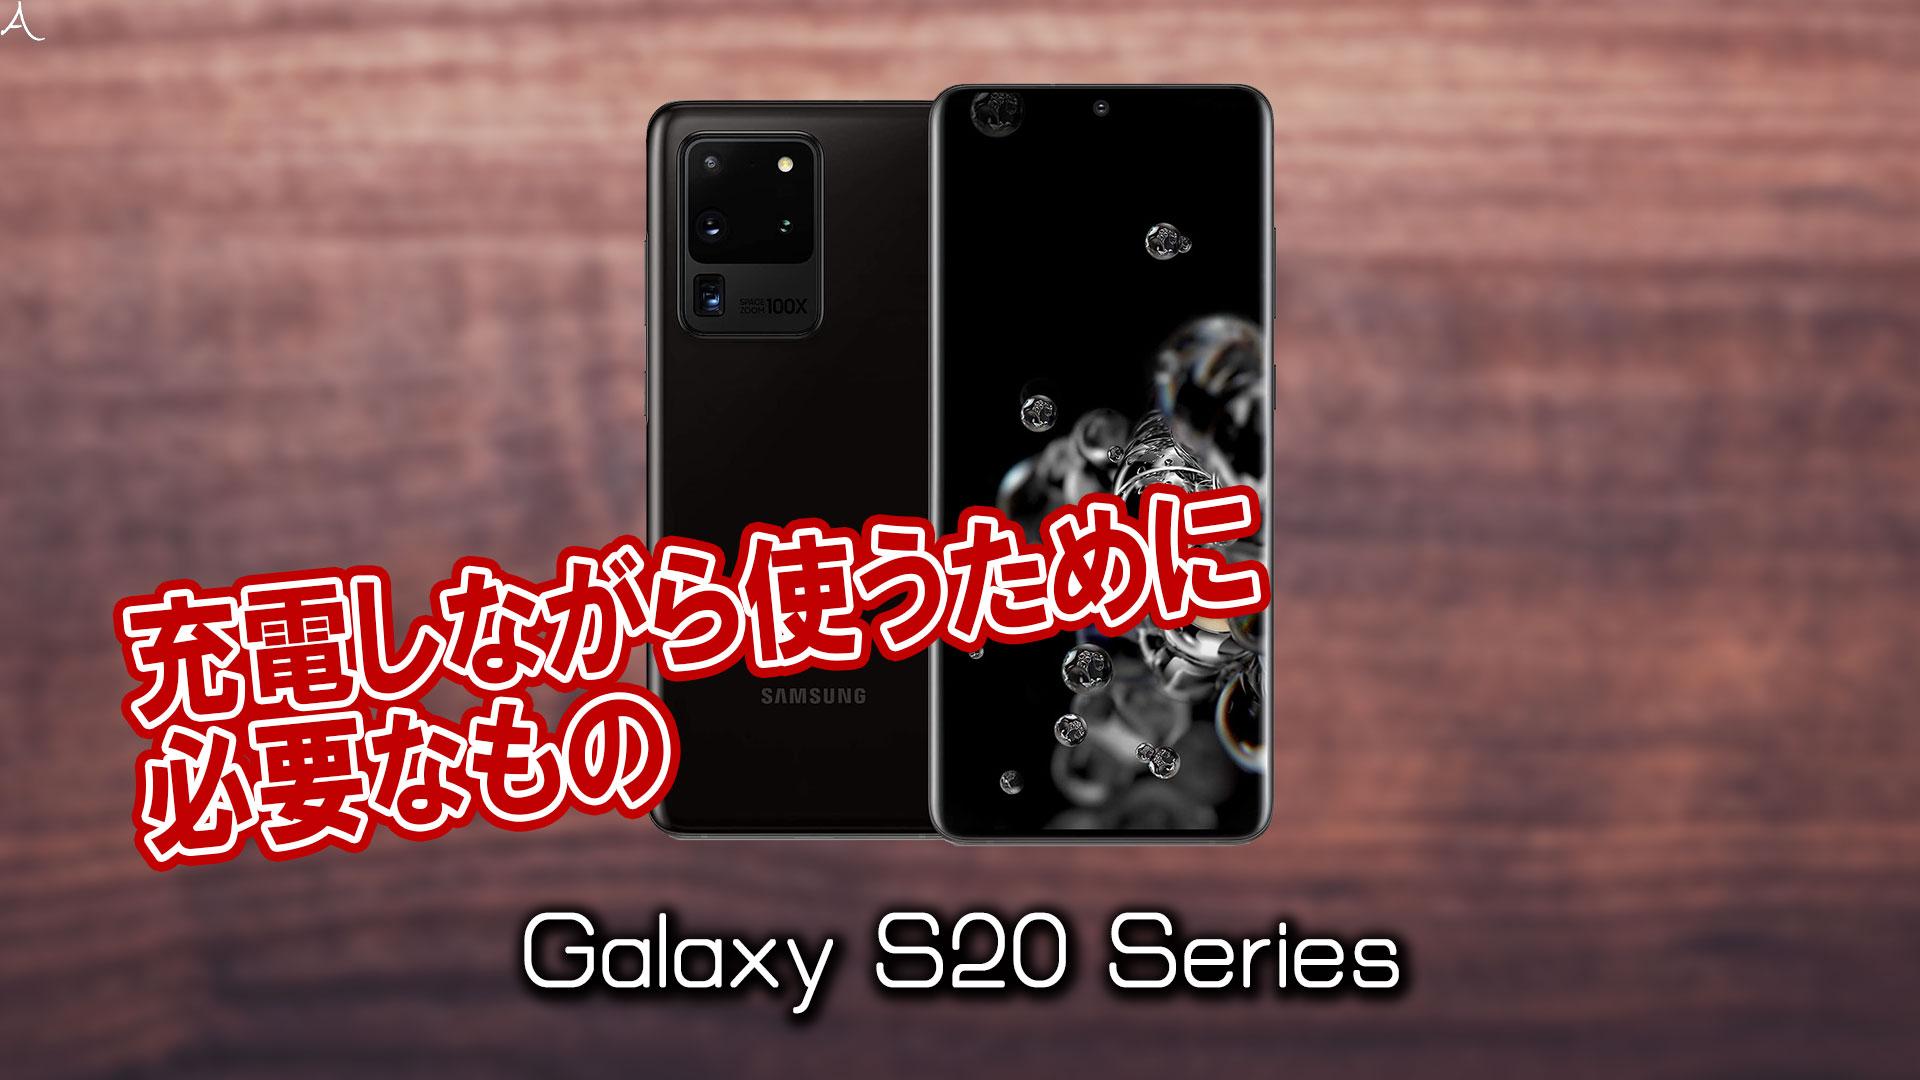 「Galaxy S20」で充電しながらイヤホンを使うために必要なもの